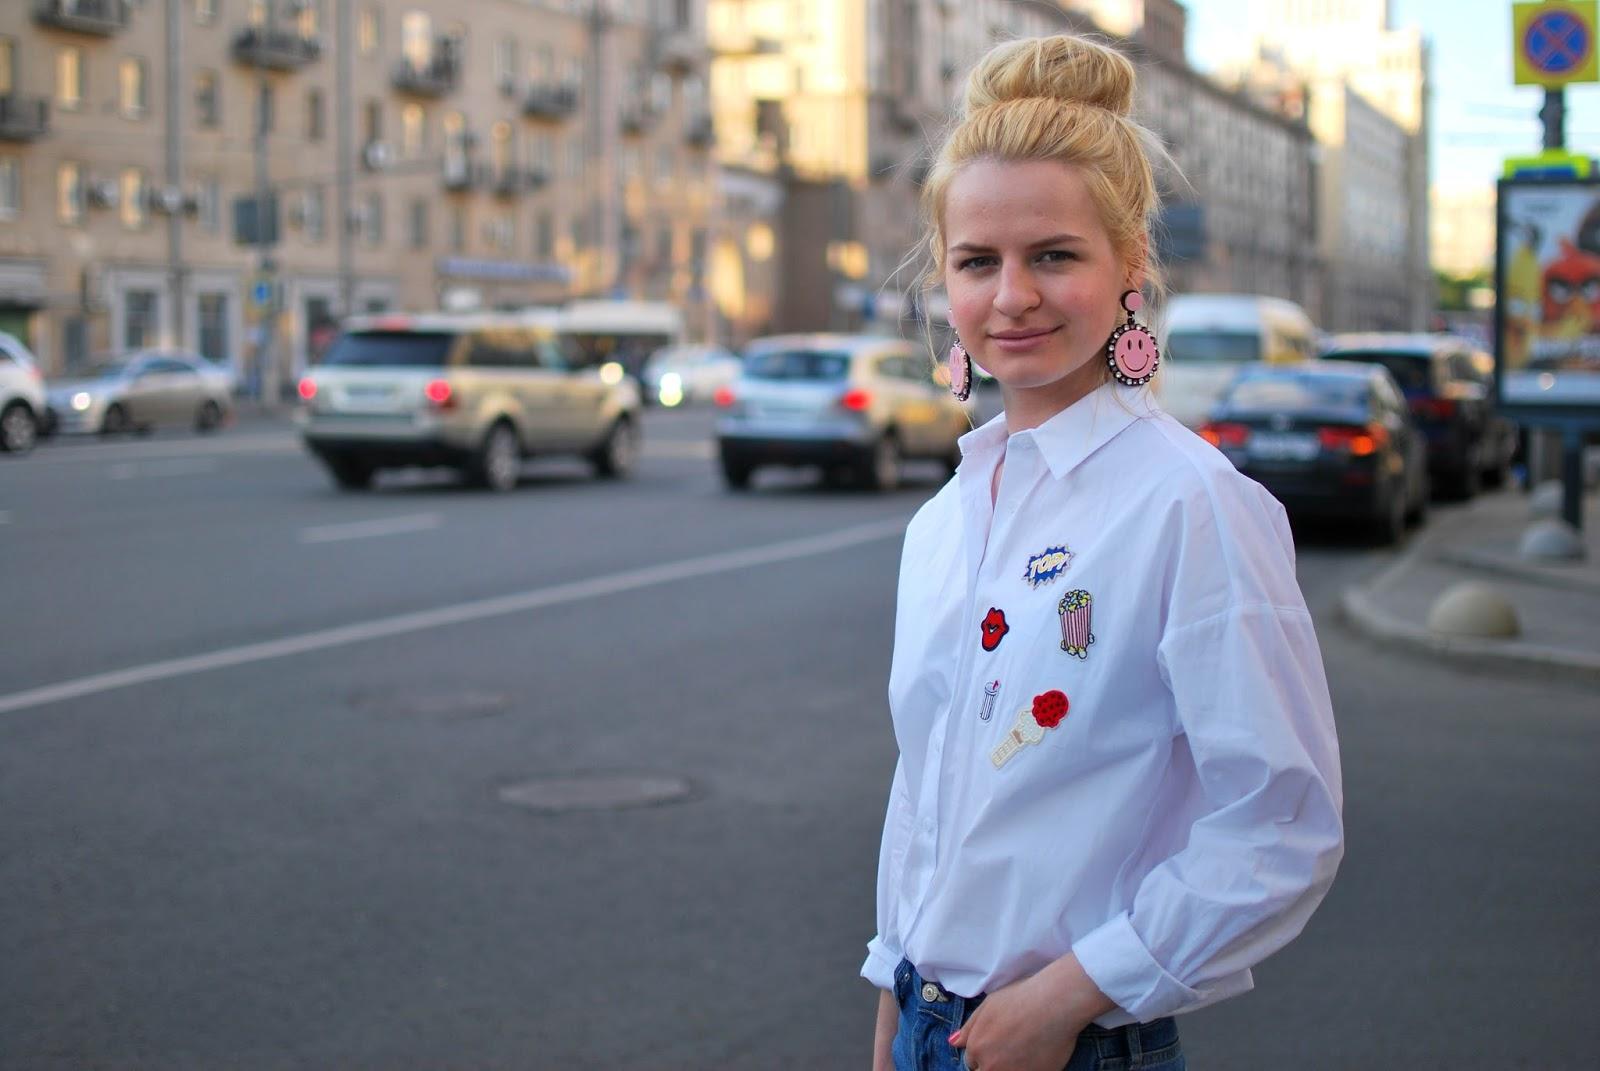 уличная мода 2016 весна, стрит стайл москва, с чем носить рубашку бойфренд, лучший модный блог